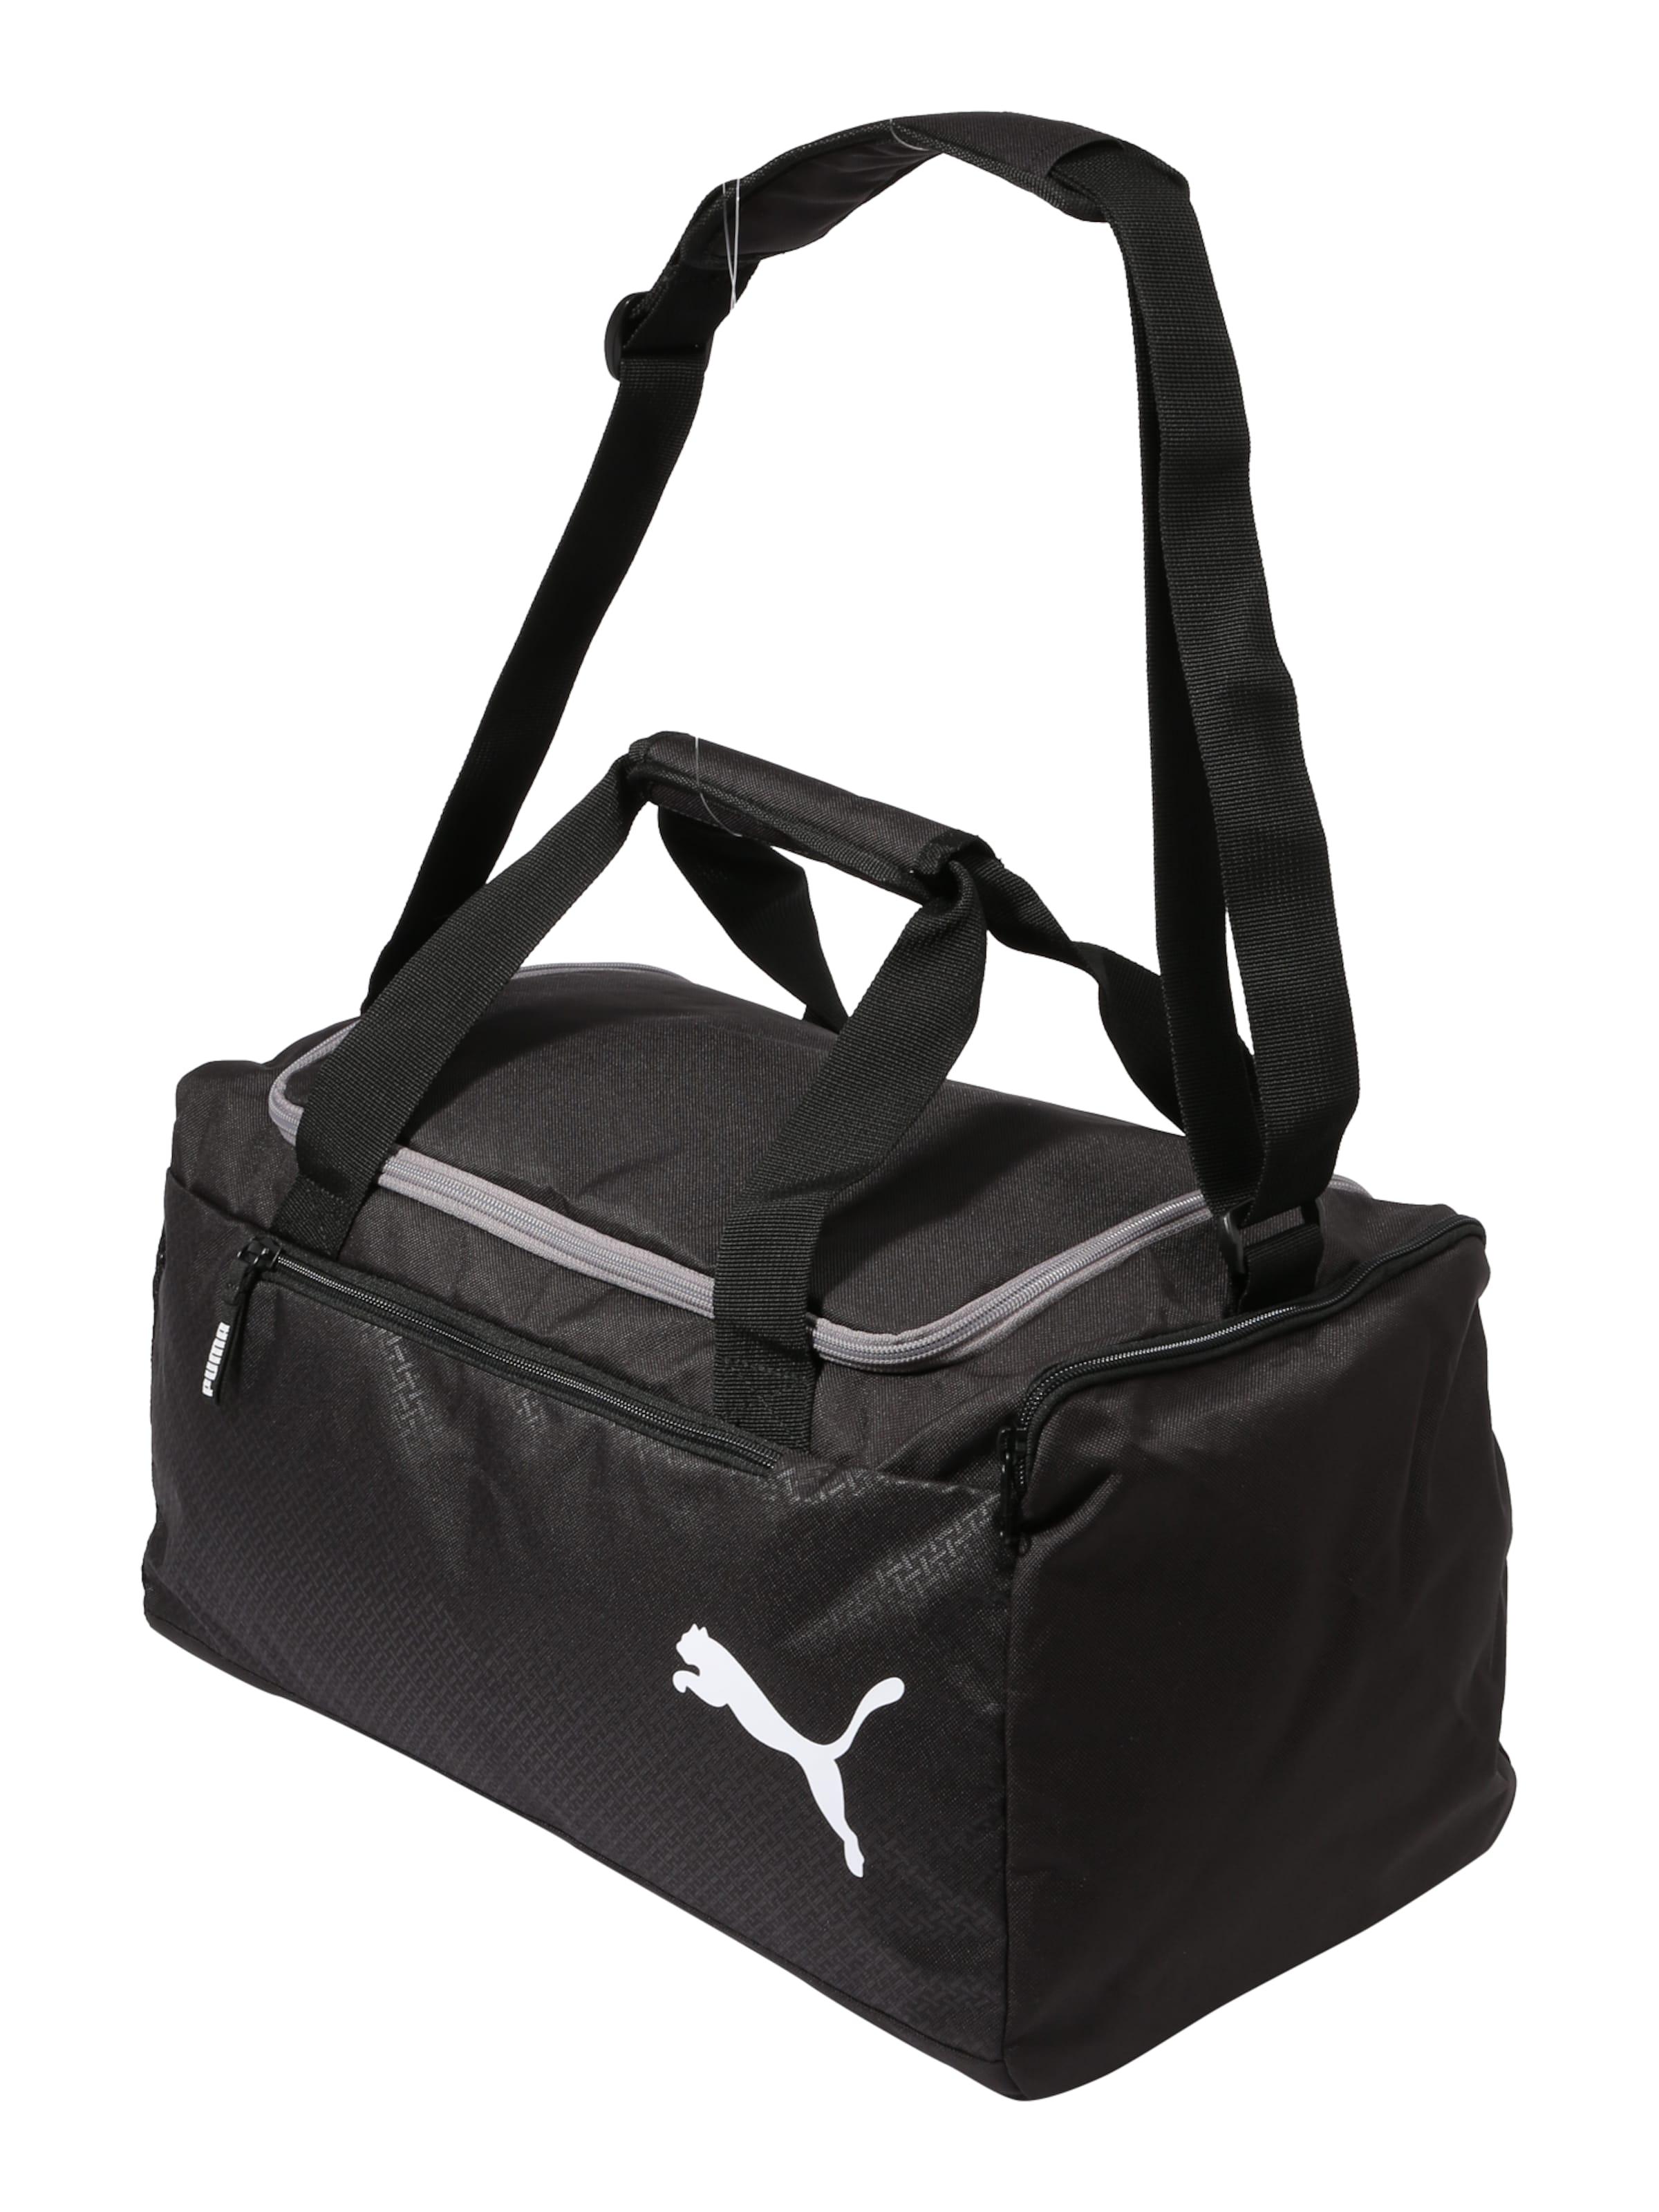 Puma 'fundamentals S' Sports En Sport Noir Sac De k8wX0nOP